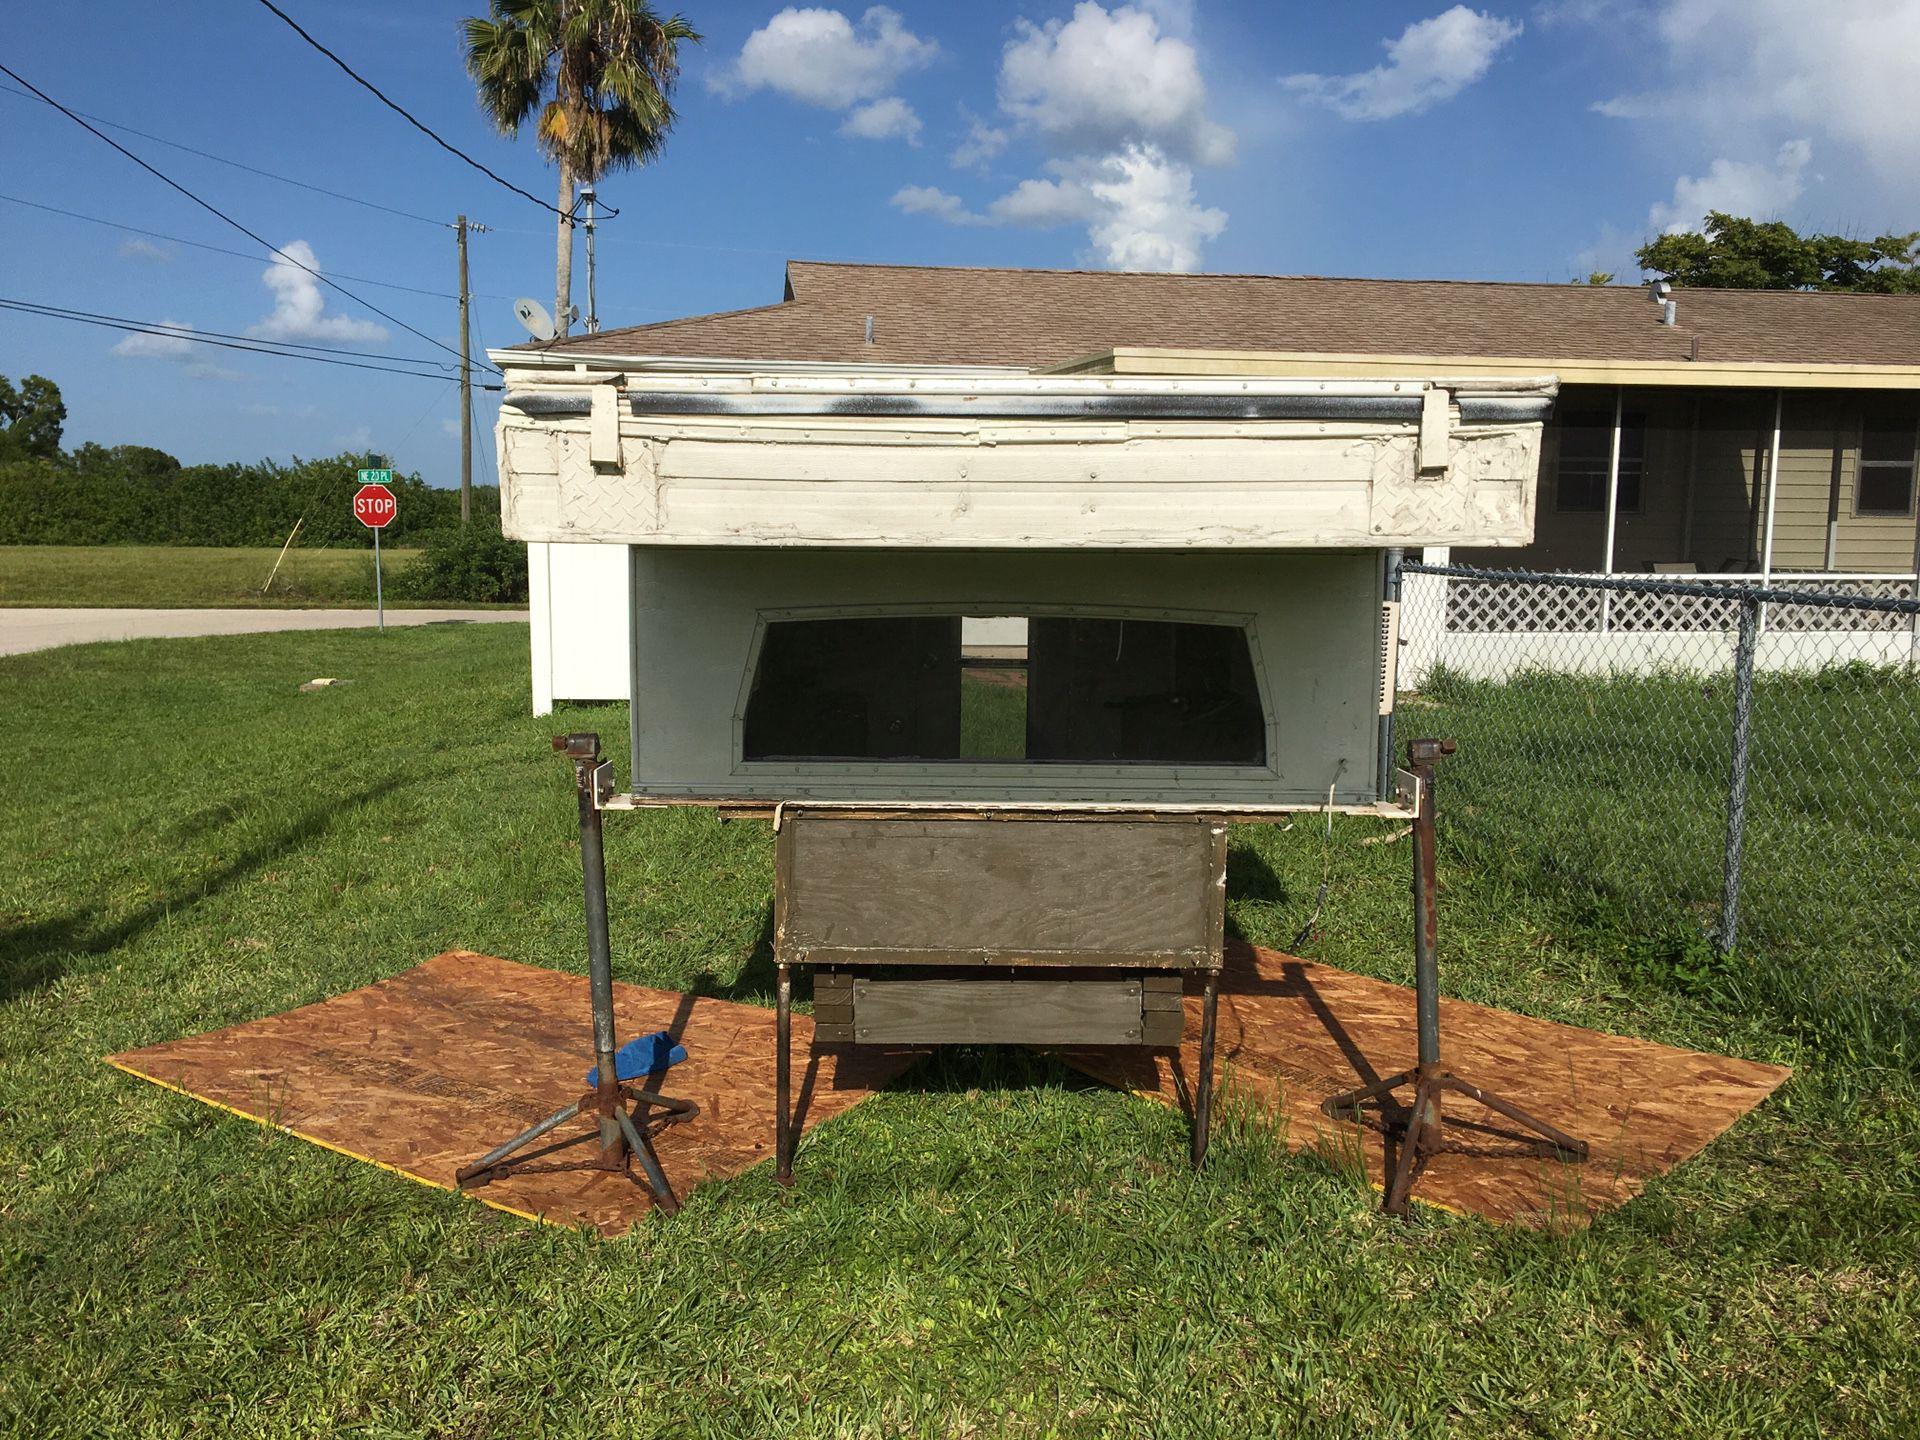 Pop up truck bed camper topper